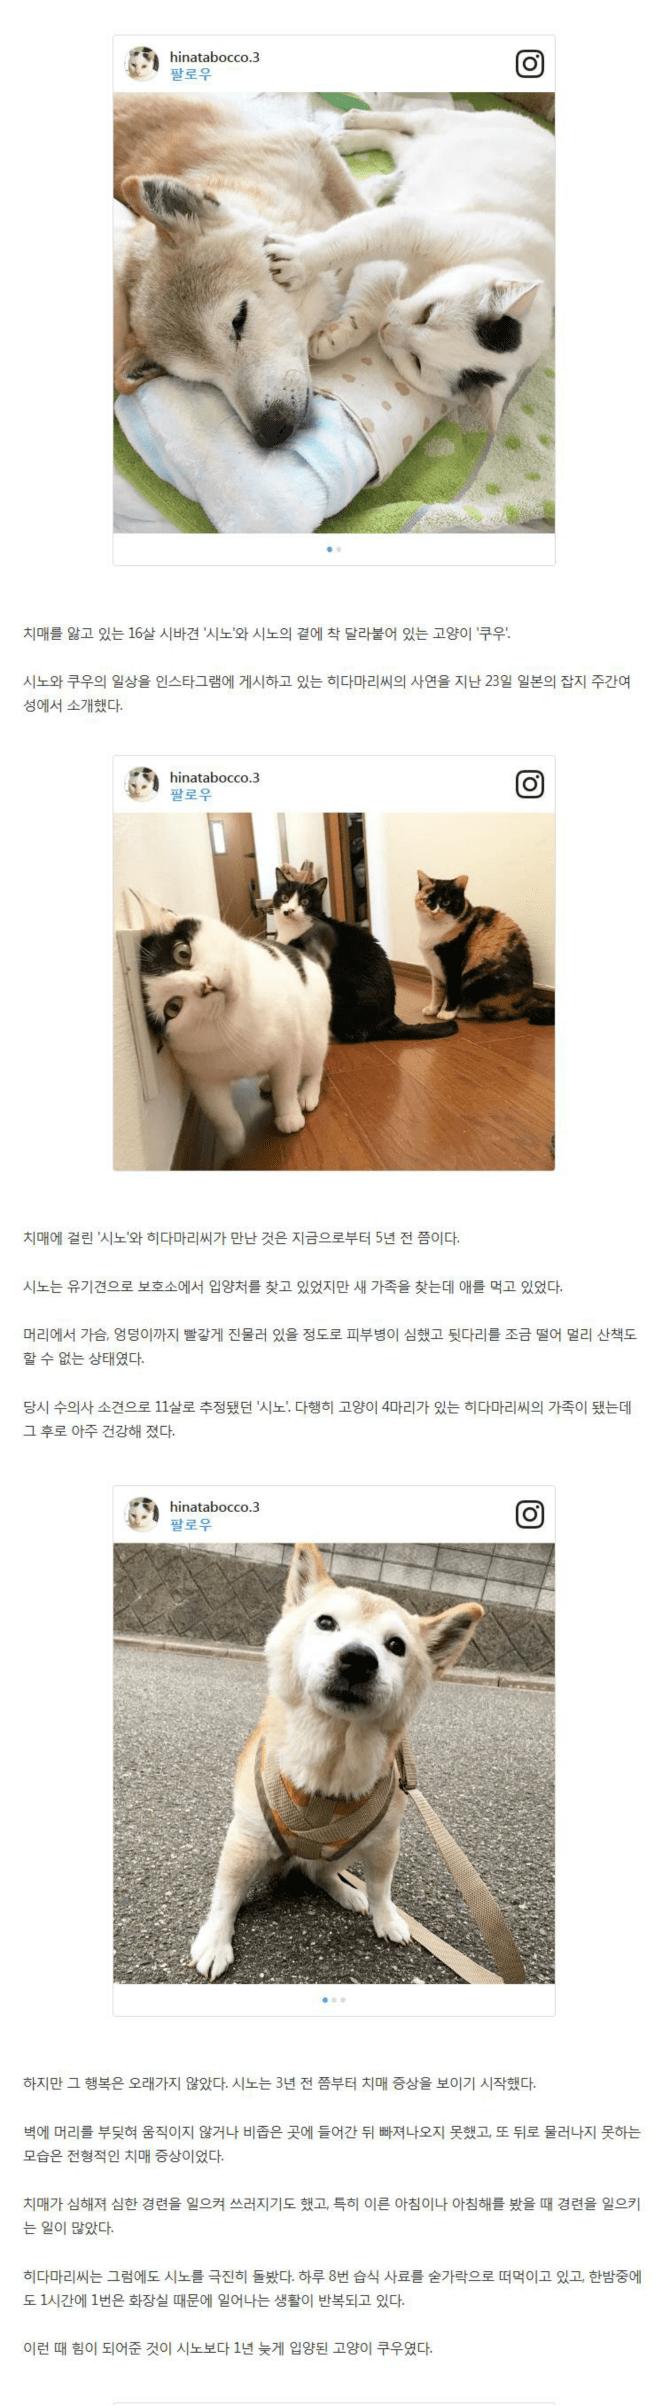 치매 걸린 시바견 보살피는 고양이1.png